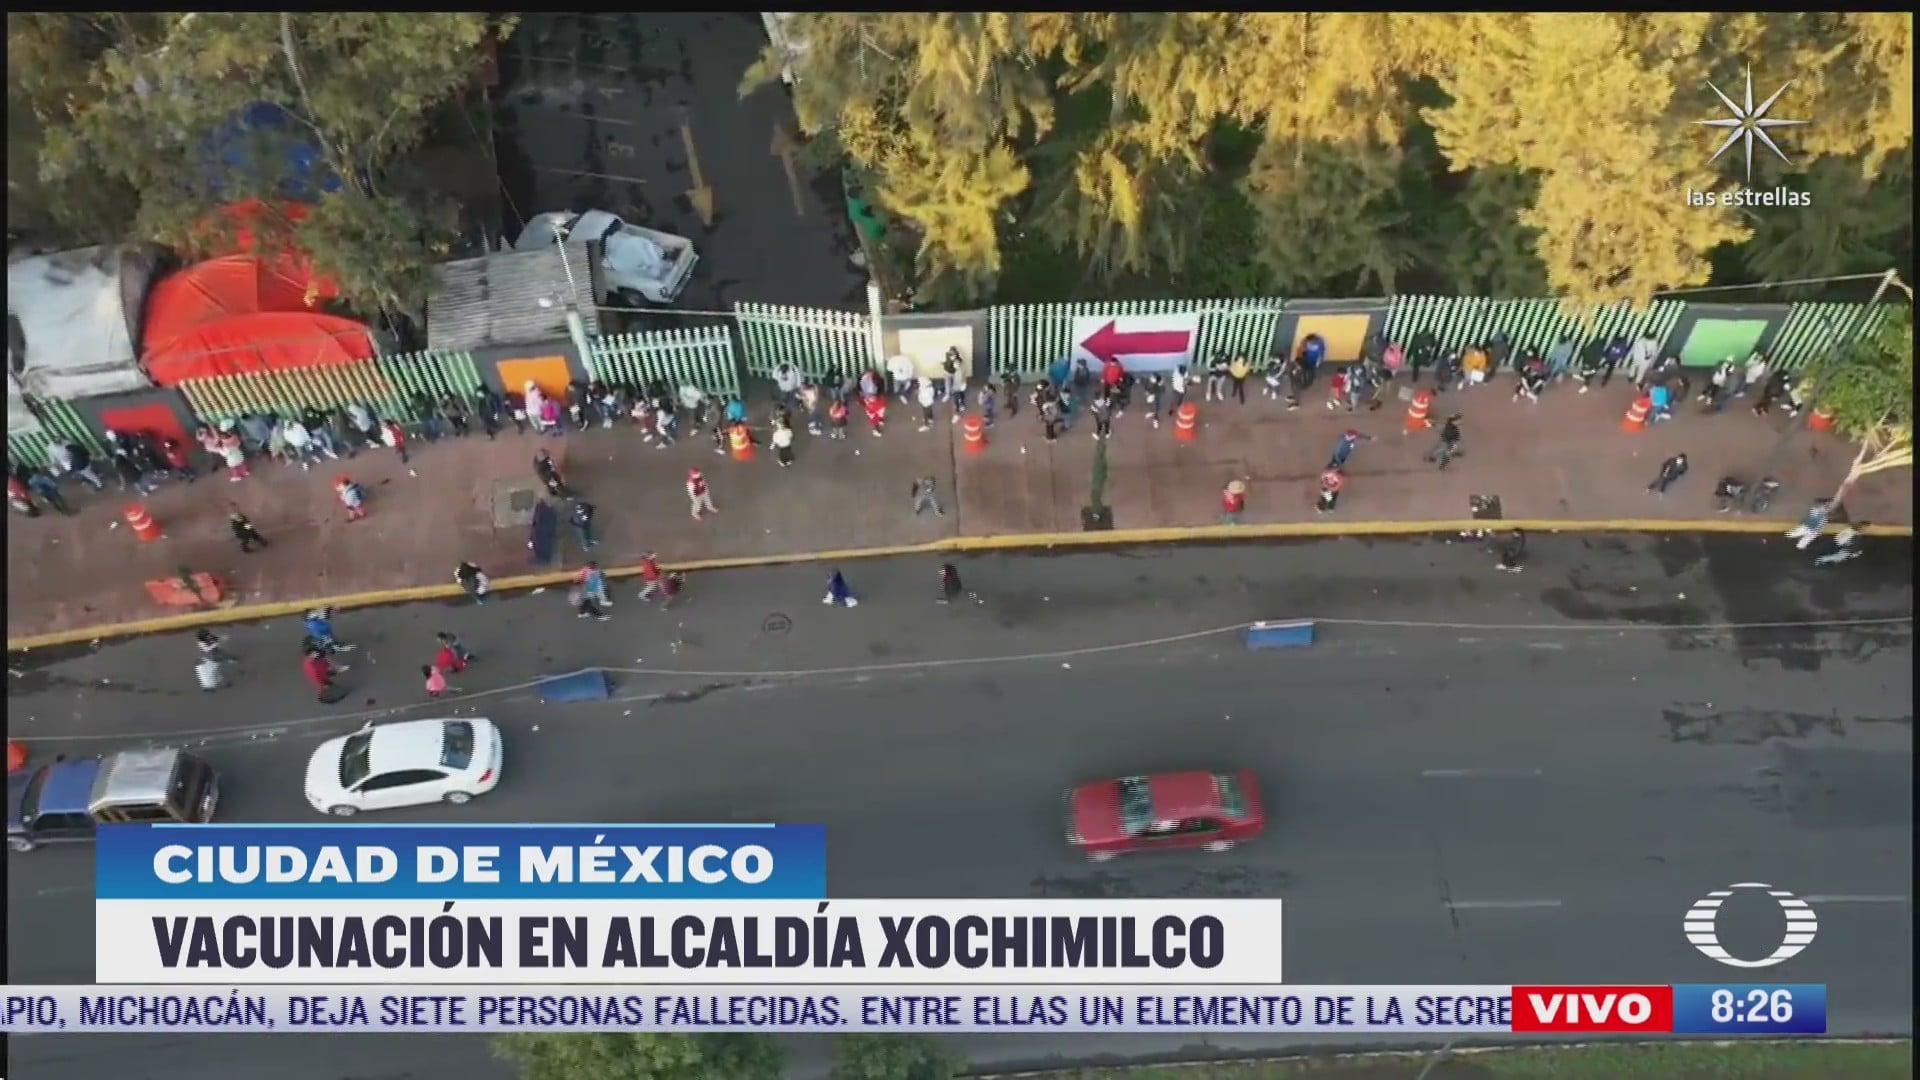 jovenes realizan multitudinarias filas para recibir vacuna covid 19 en xochimilco